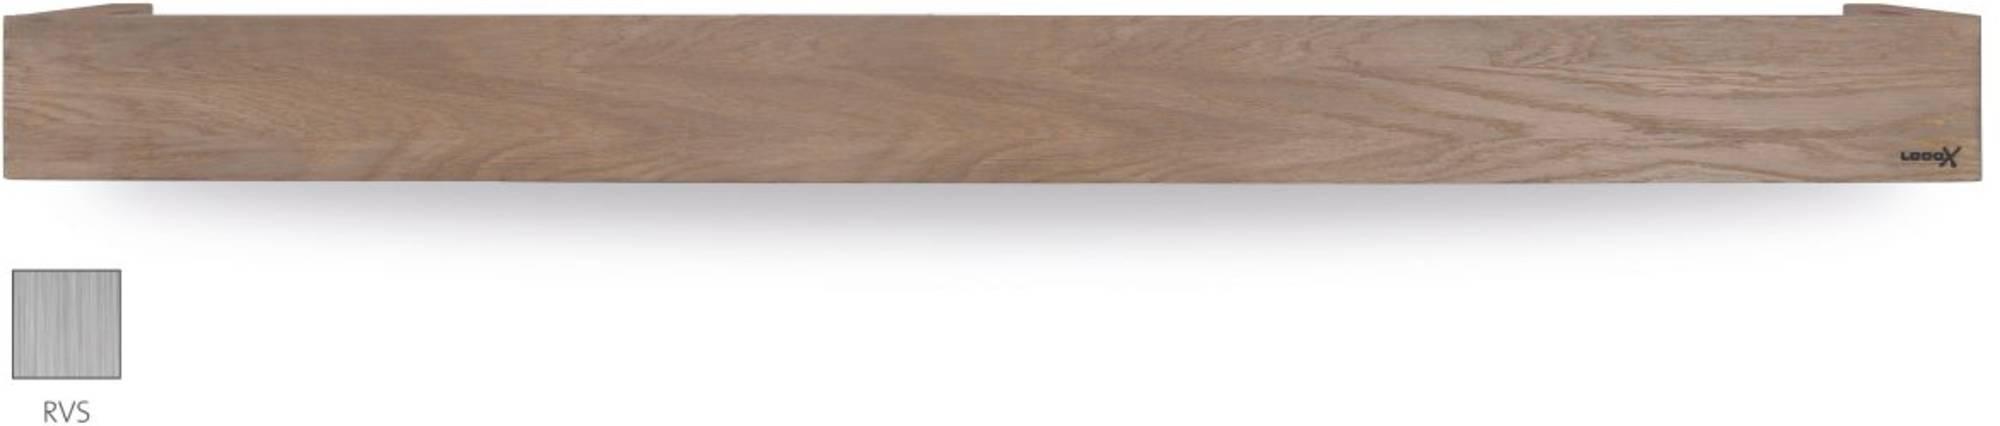 Looox Wooden Collection shelf box met bodemplaat geborsteld rvs eiken/geborsteld rvs